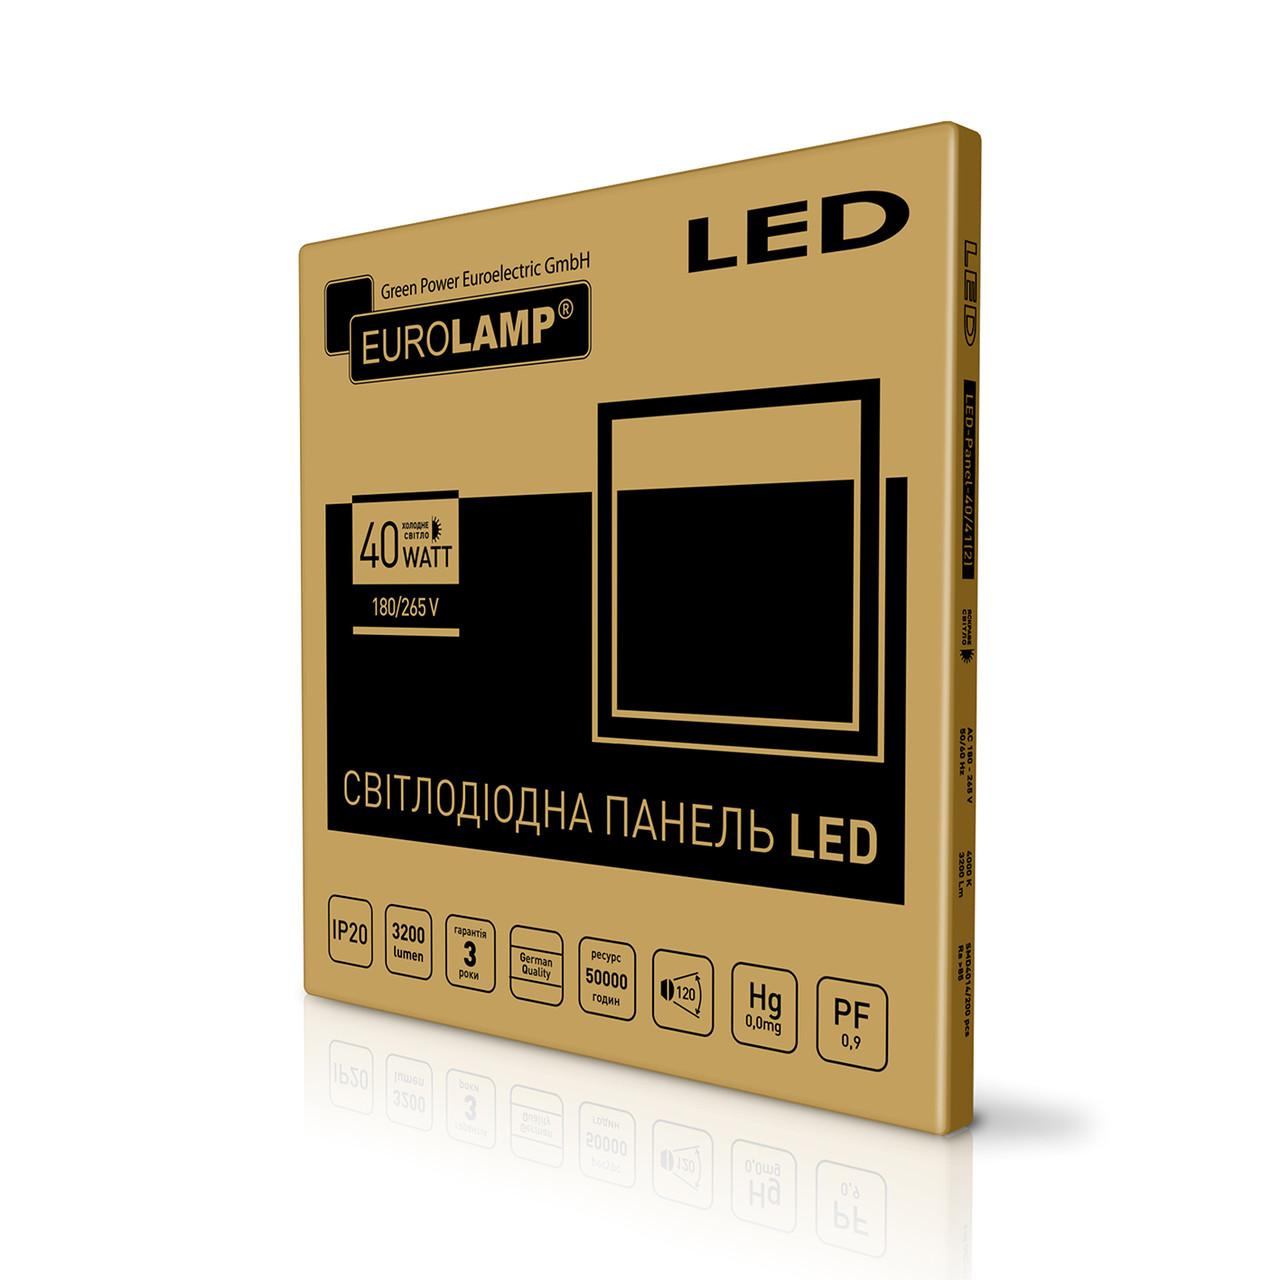 EUROLAMP LED Панель 60х60 белая рамка 40W 5500K